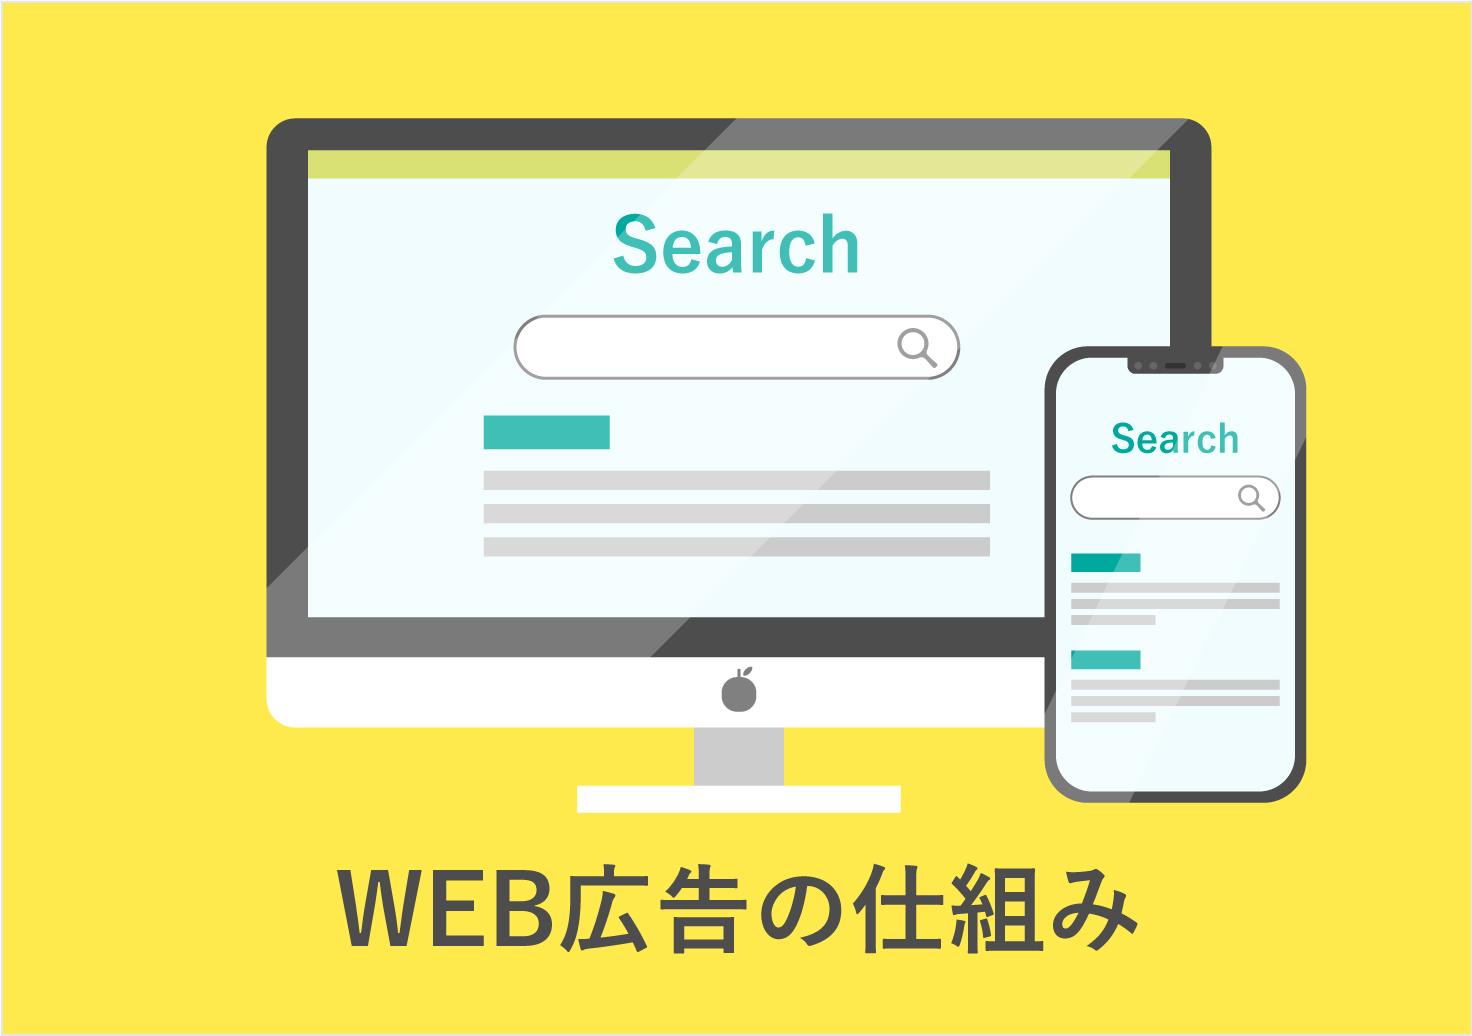 リスティング広告で見るWEB広告の仕組み